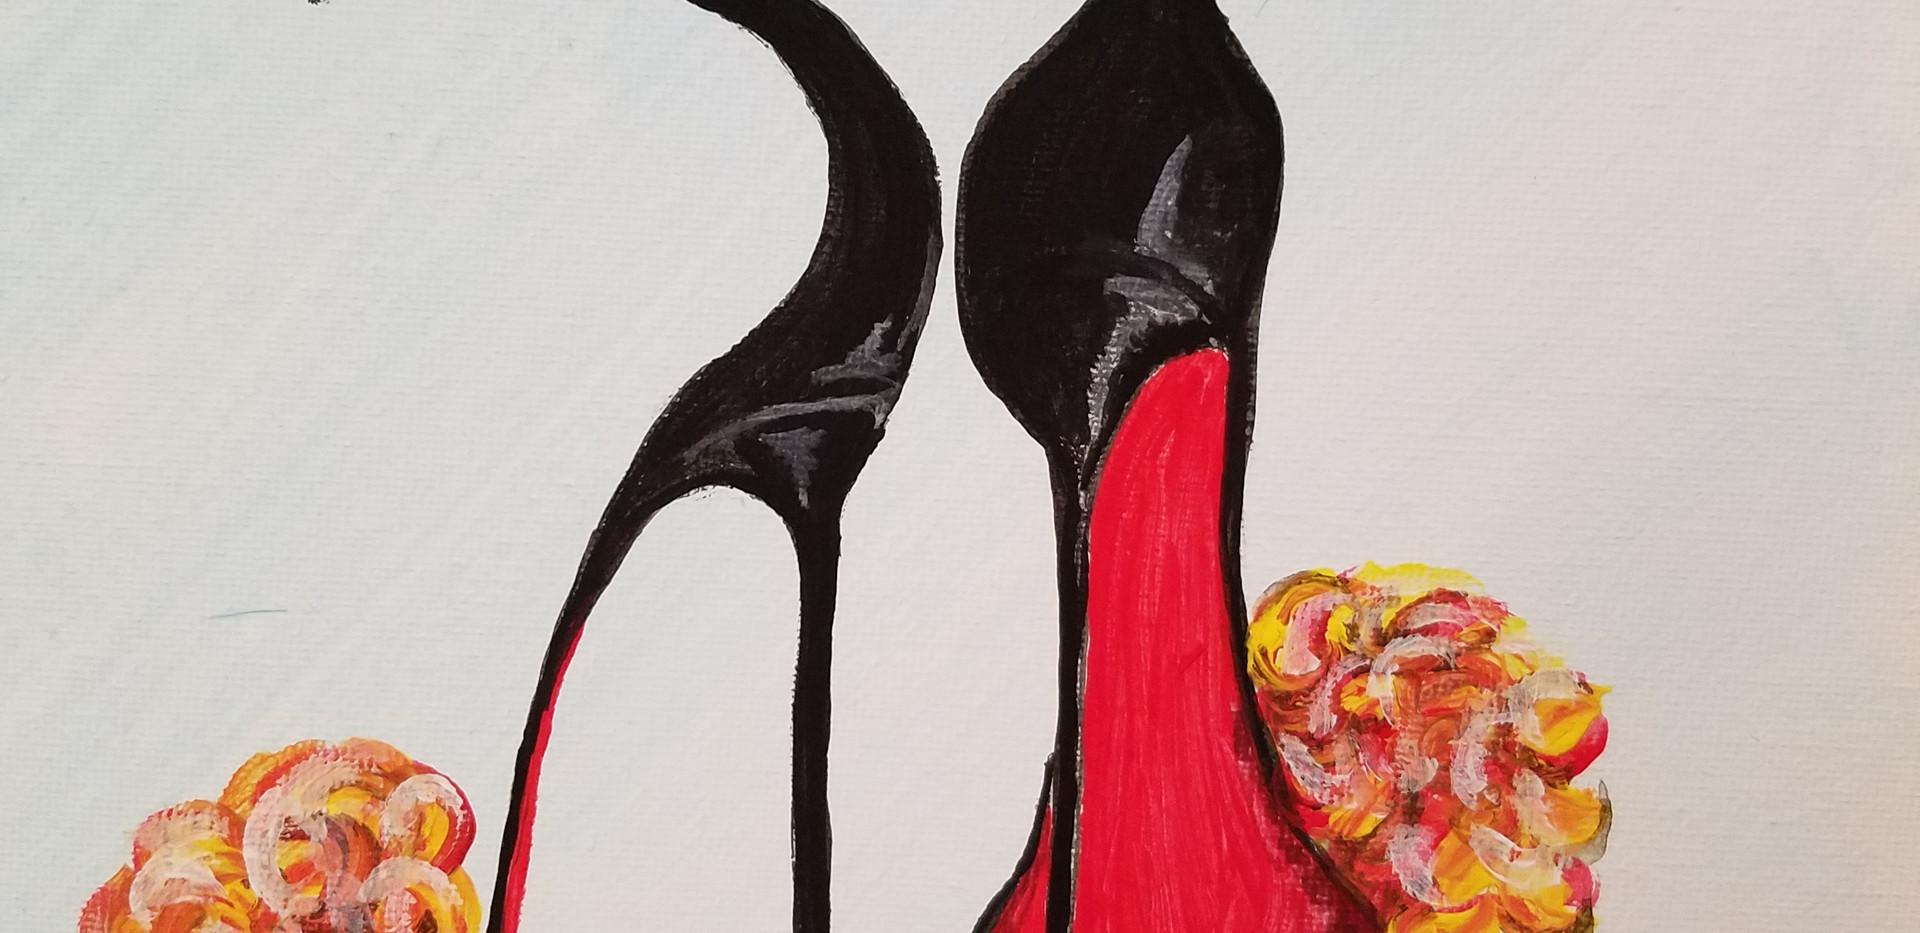 Girl red bottom shoes.jpg